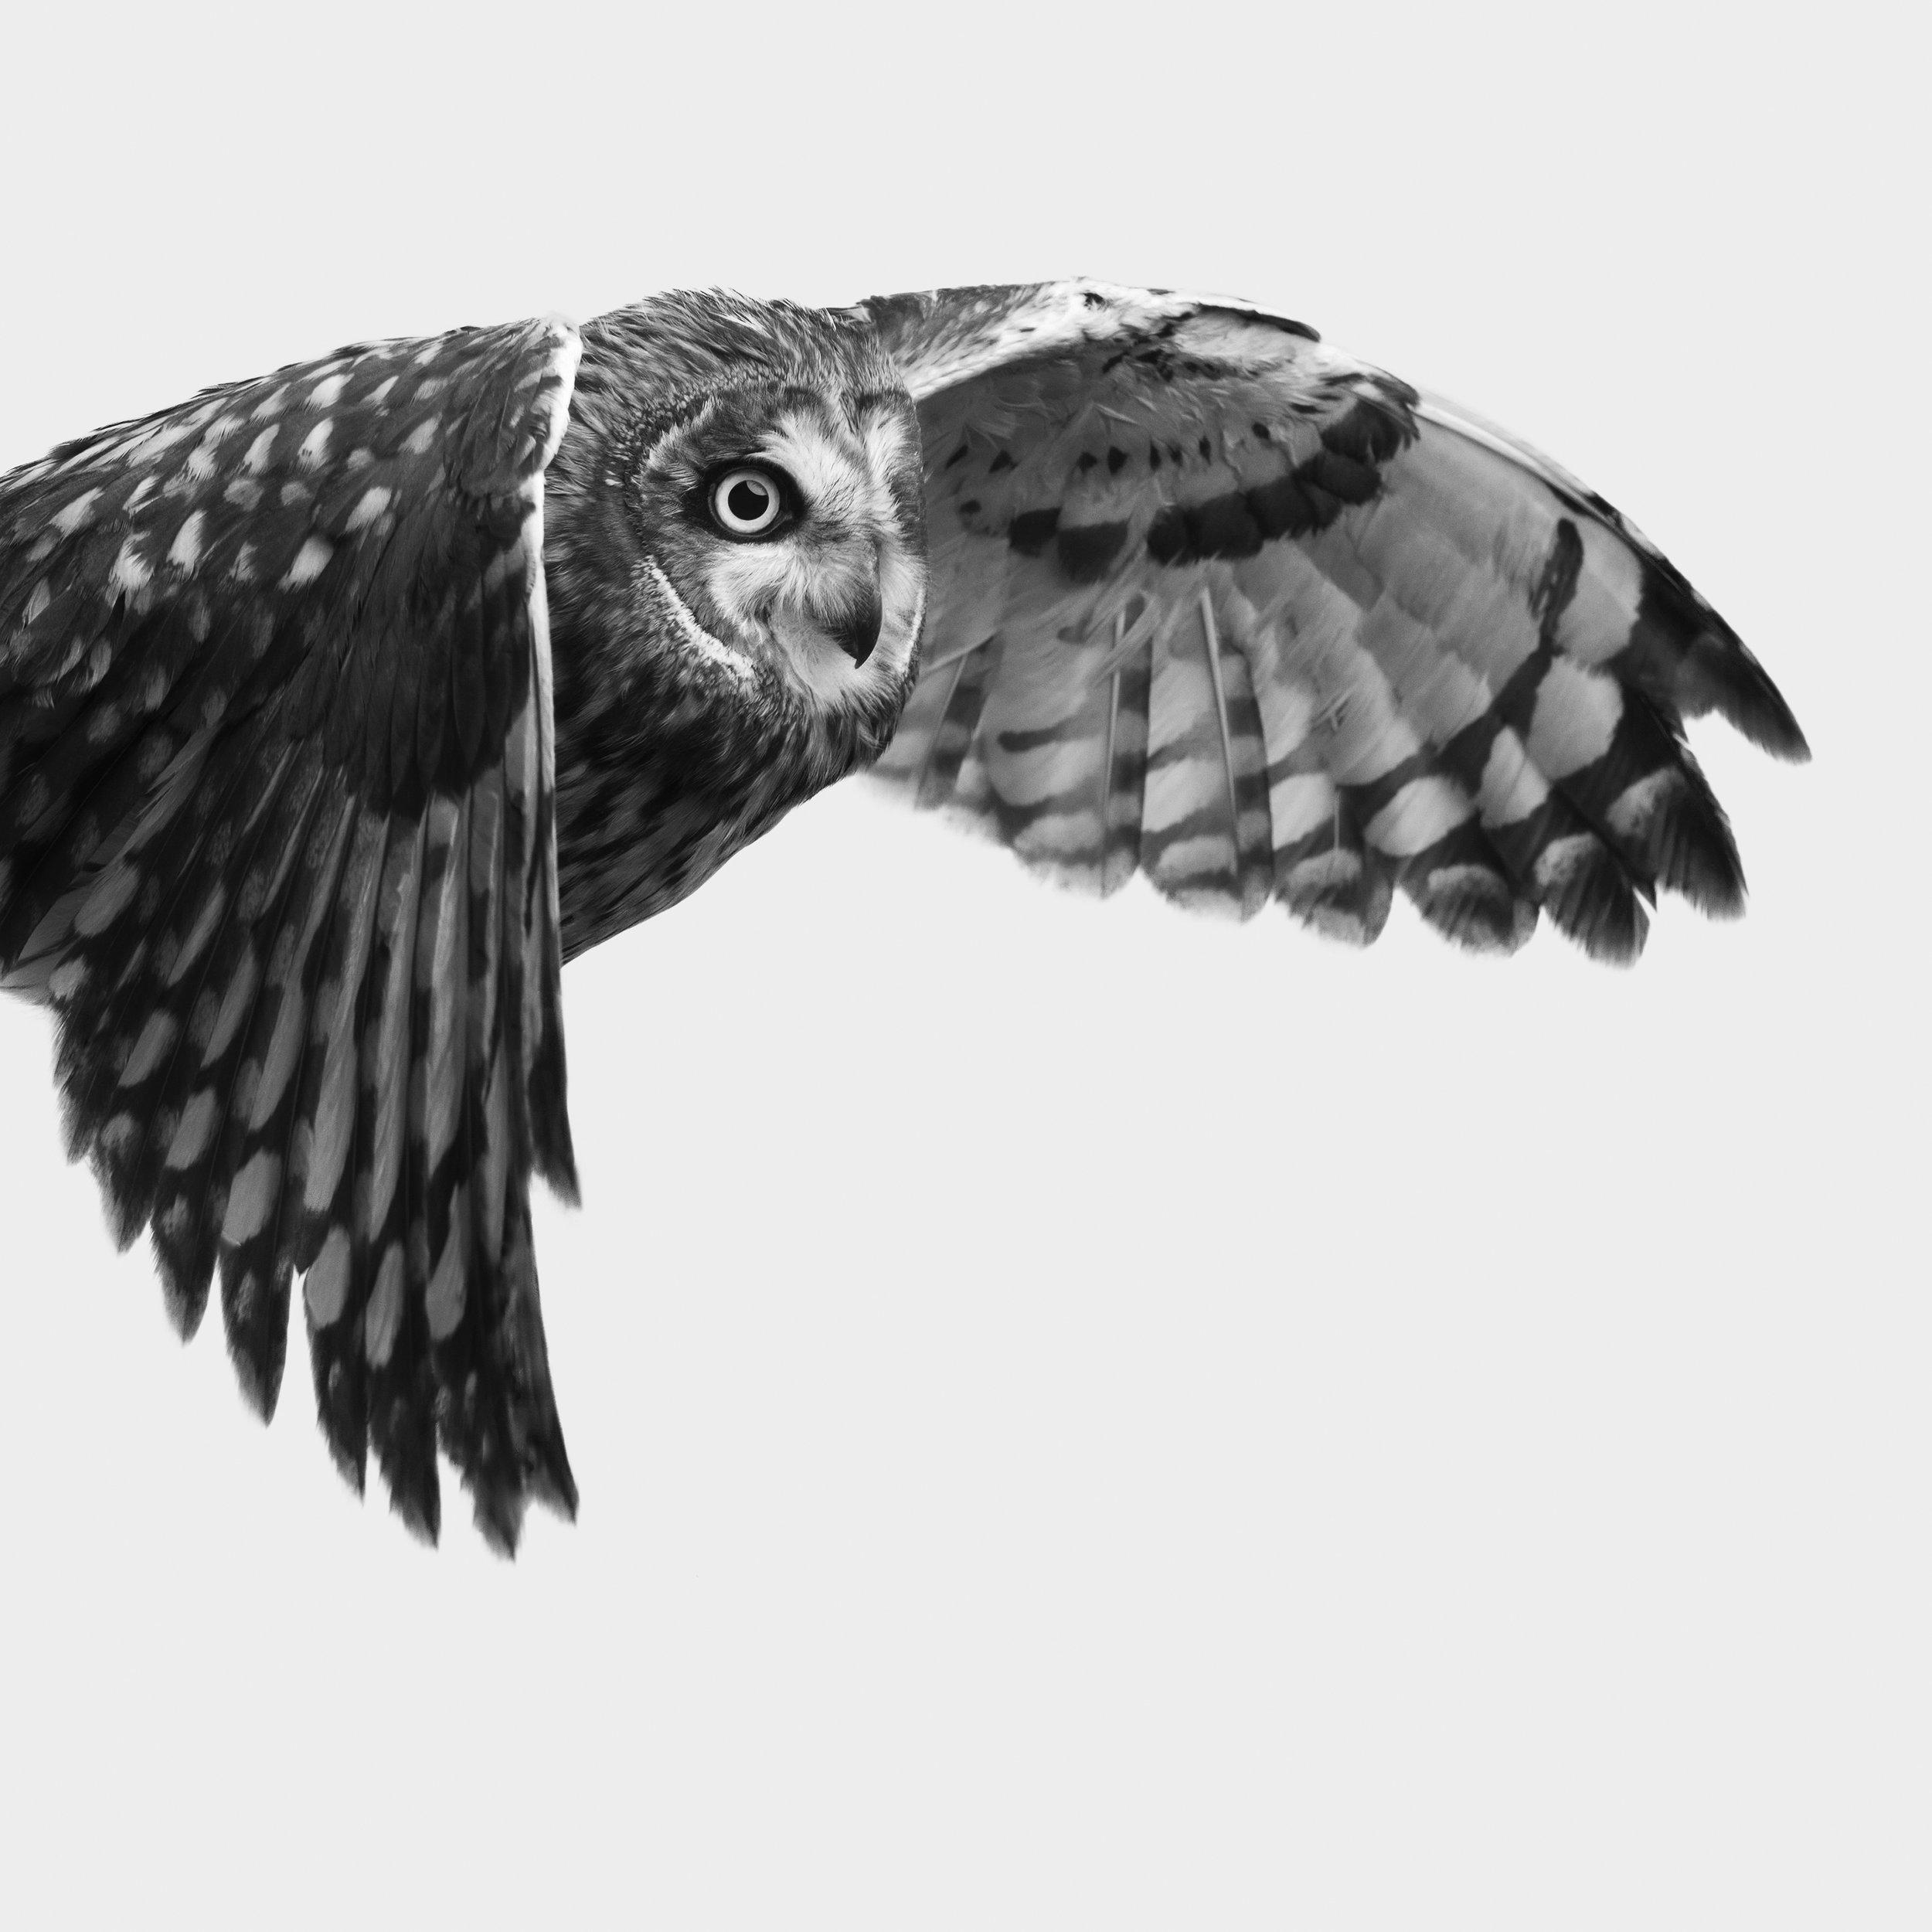 Owl 1 - Print (20x20) - Adjusted.jpg